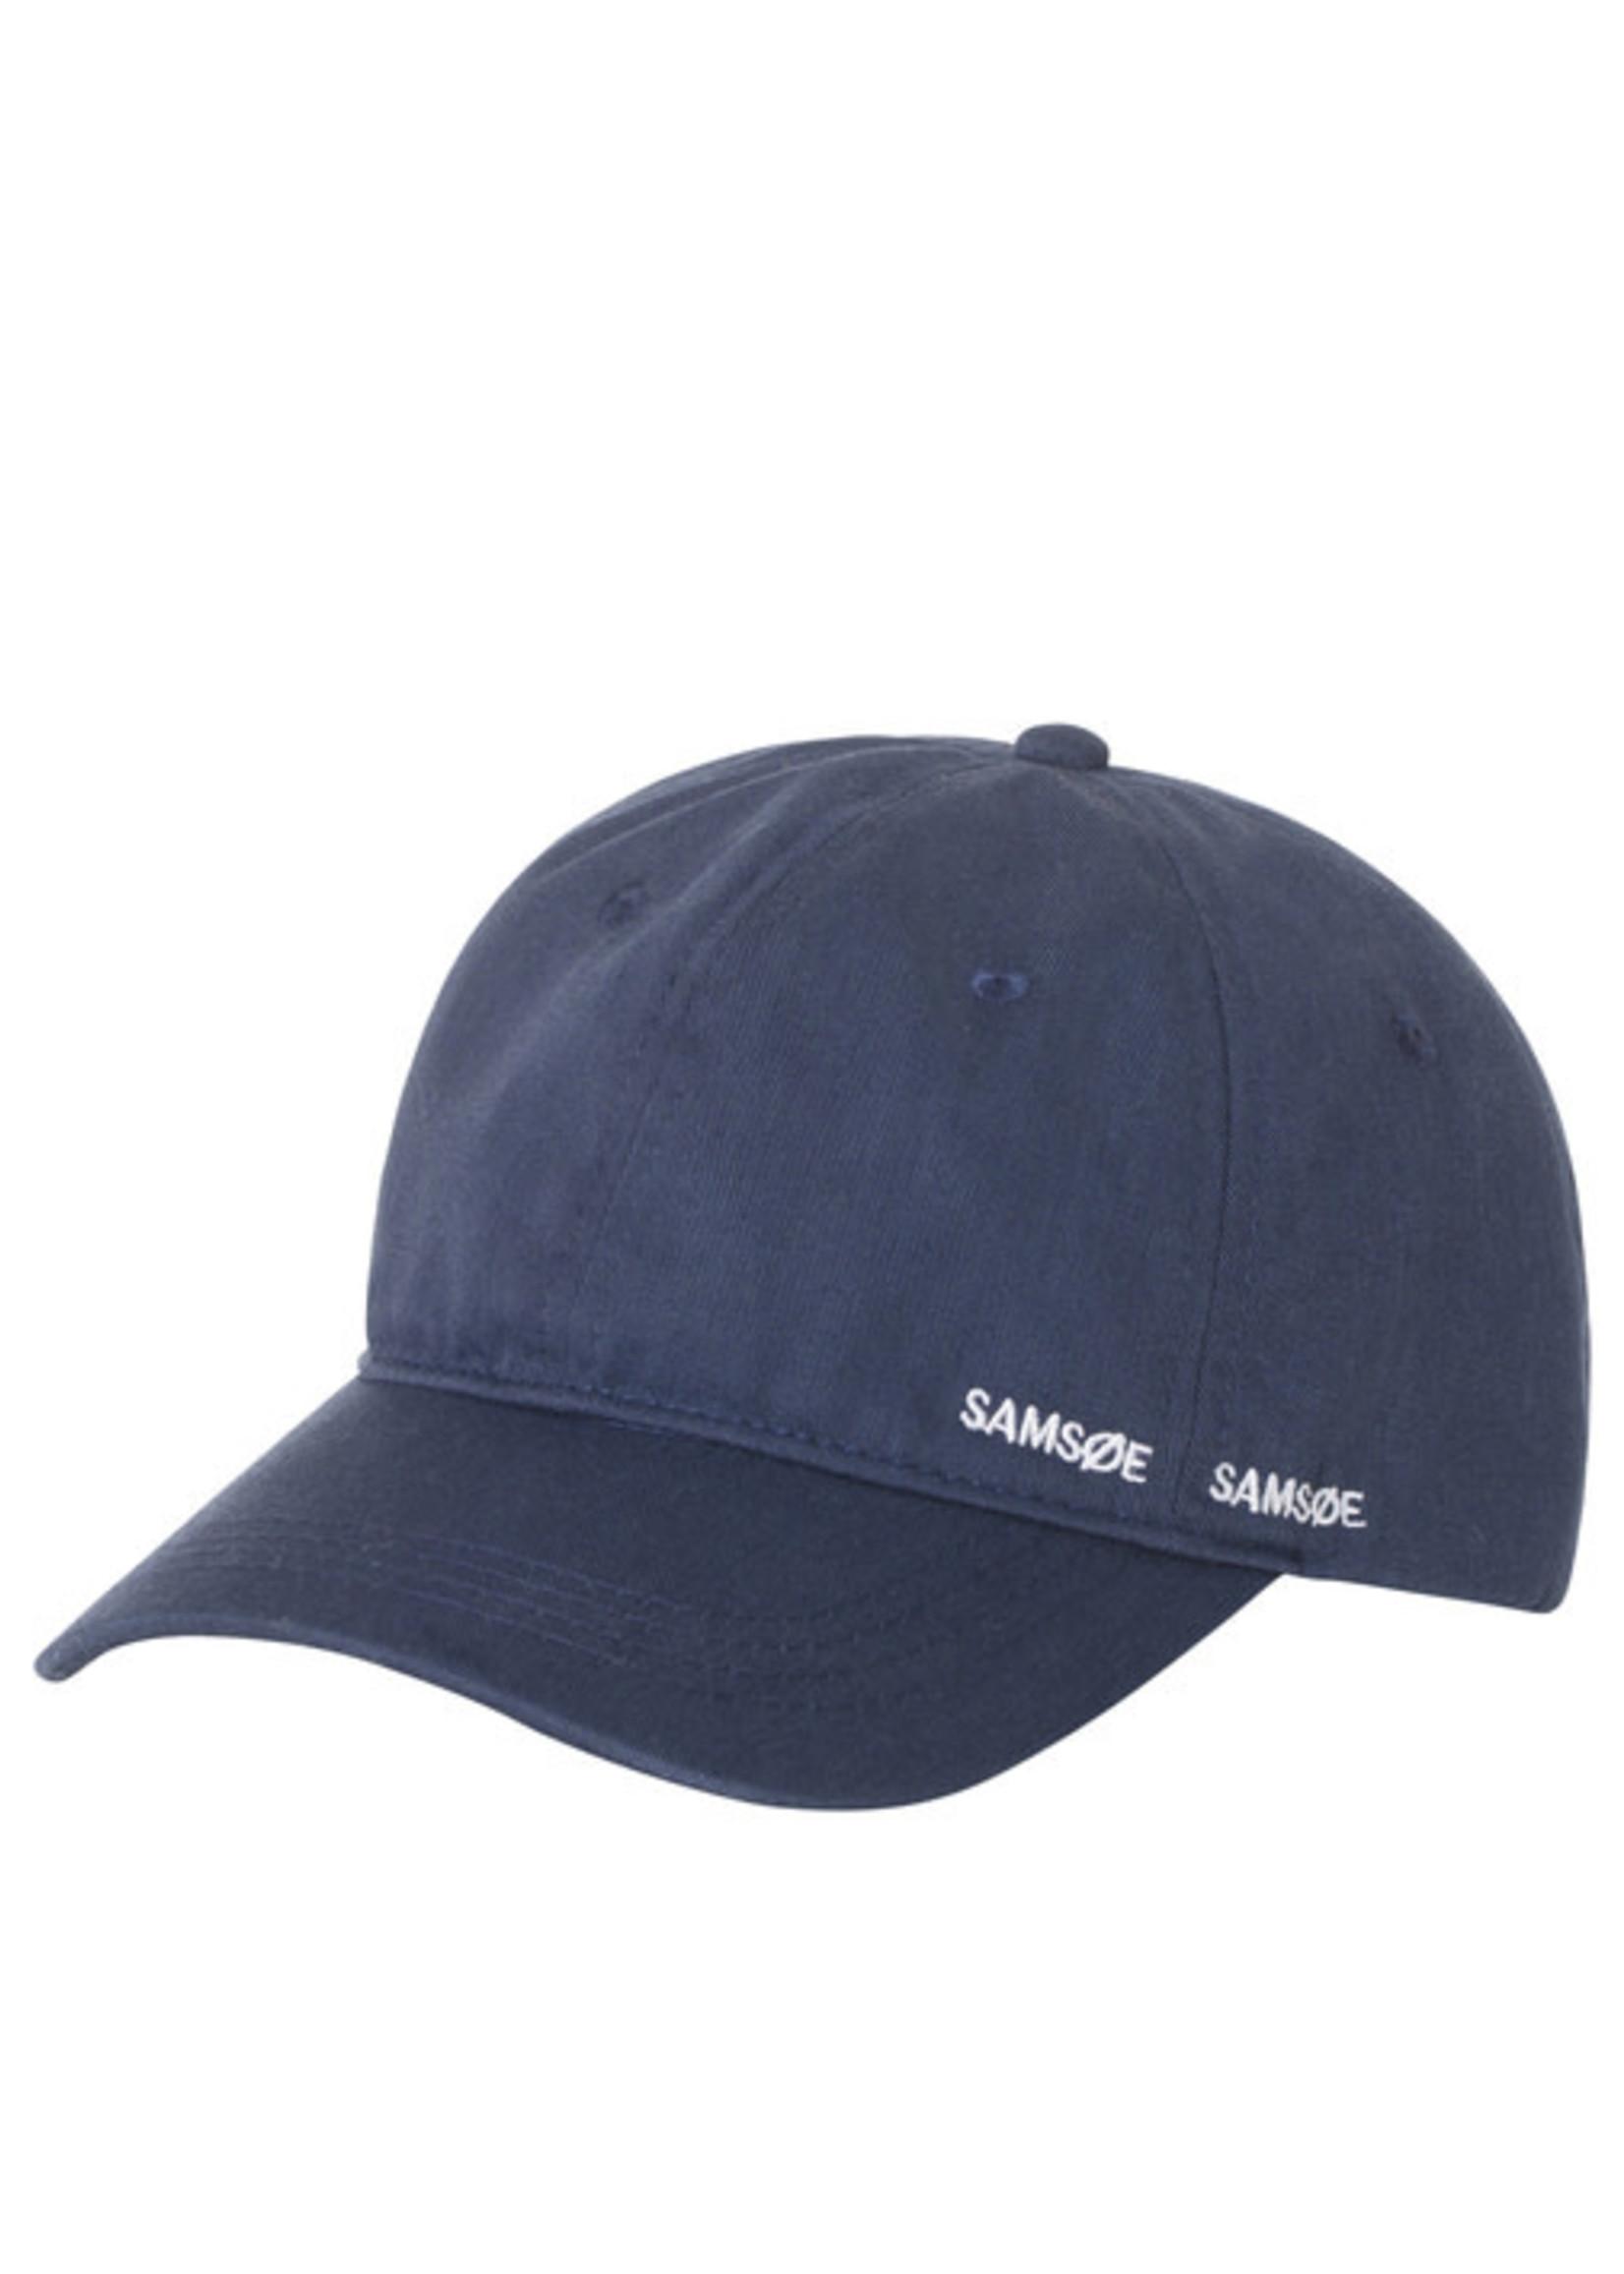 Samsoe & Samsoe Aribo cap 14061